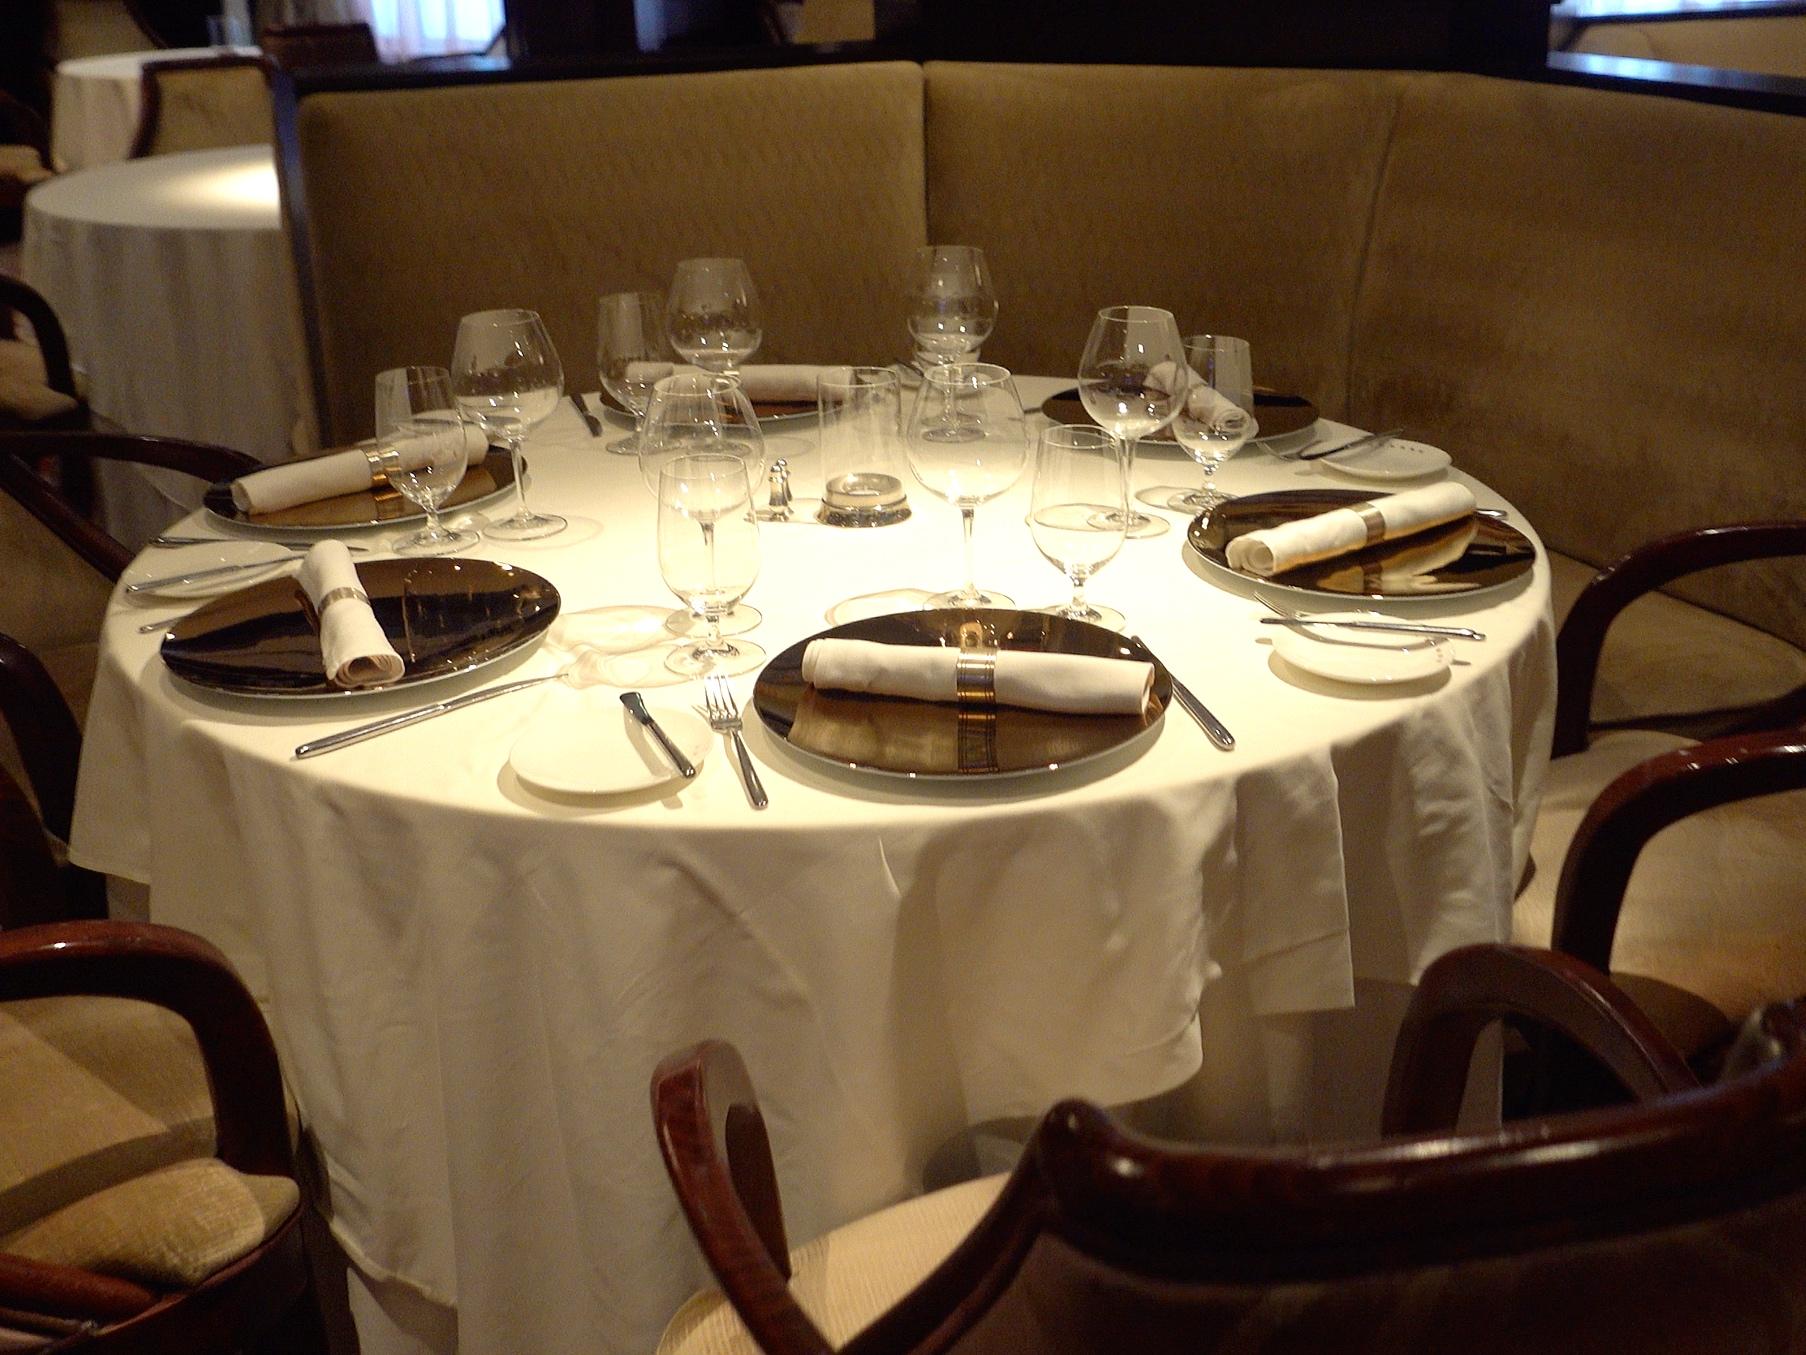 Murano tableware